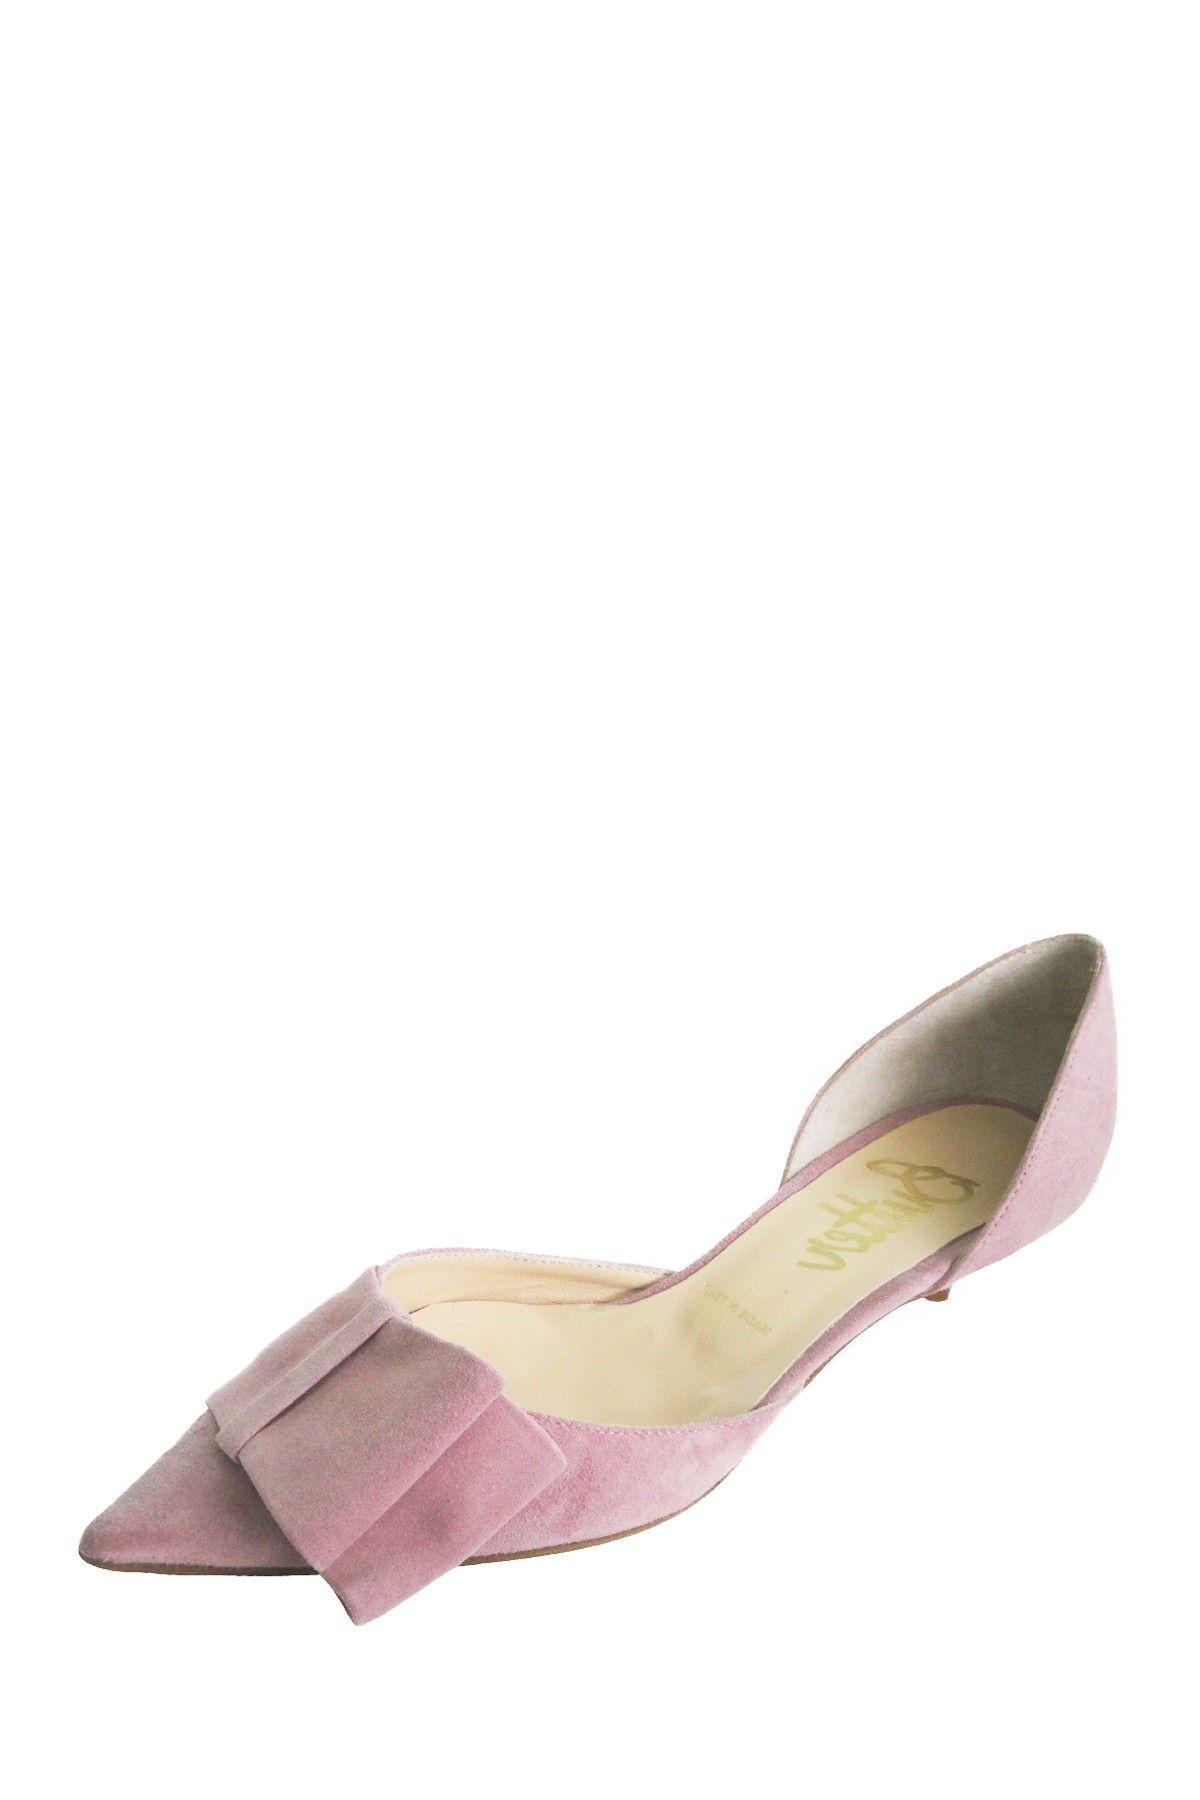 Butter Samurai Pointed Toe Kitten Heel On Hautelook Zapatos Mujer Tacones Zapatos Retro